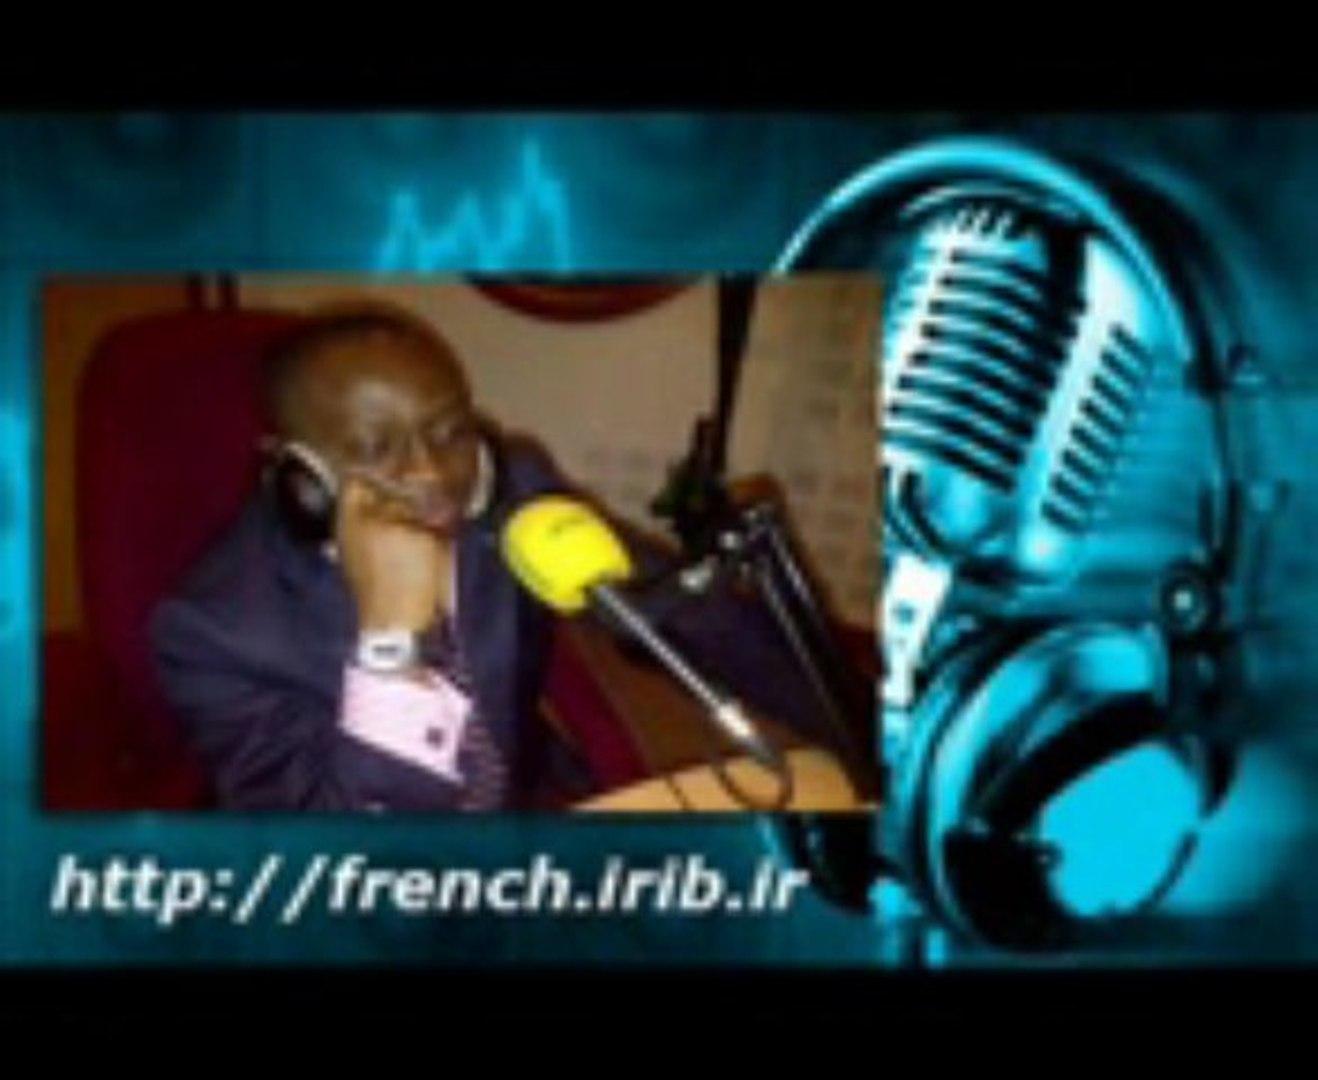 MALI : Allain Jules sur la convocation par la justice du Général Amadou Haya Sanogo